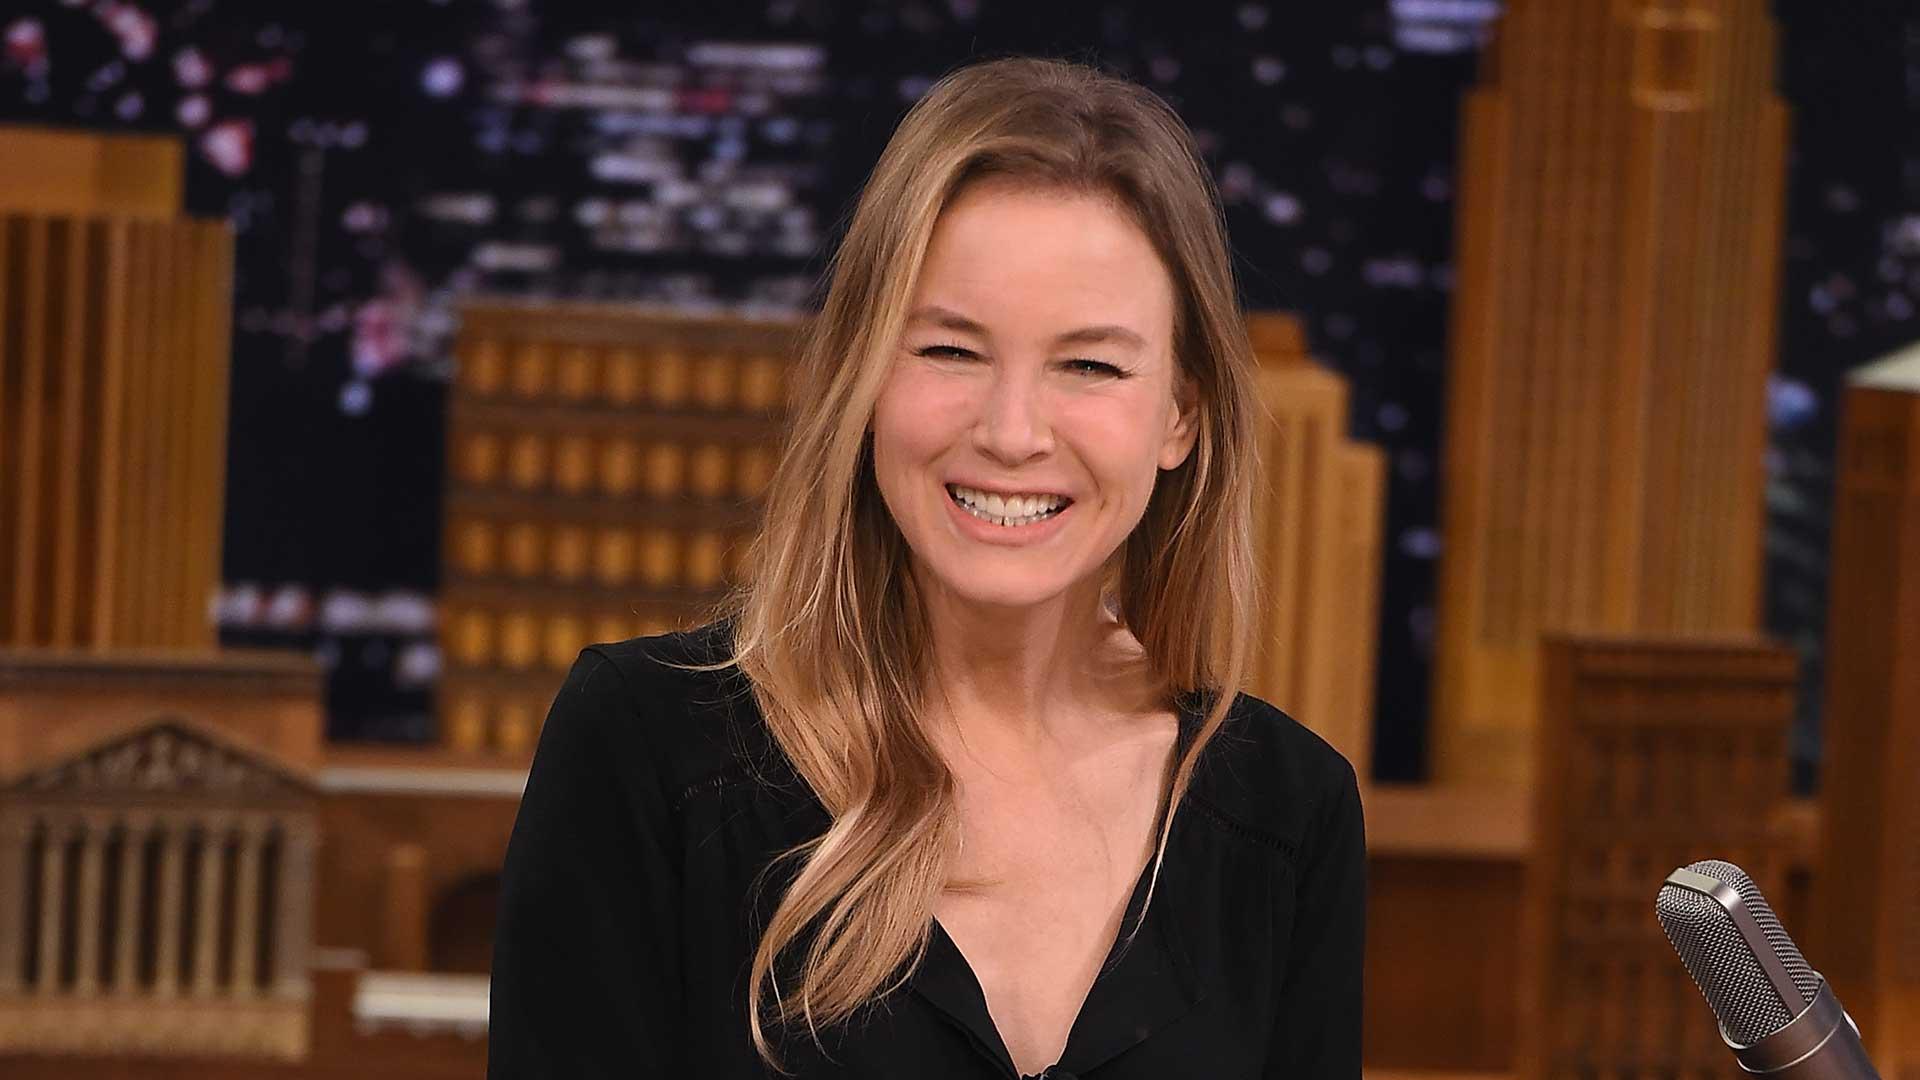 La actriz tiene un perfil bajo en Hollywood y en pocas ocasiones ofrece entrevistas o camina por la alfombra roja (AFP)